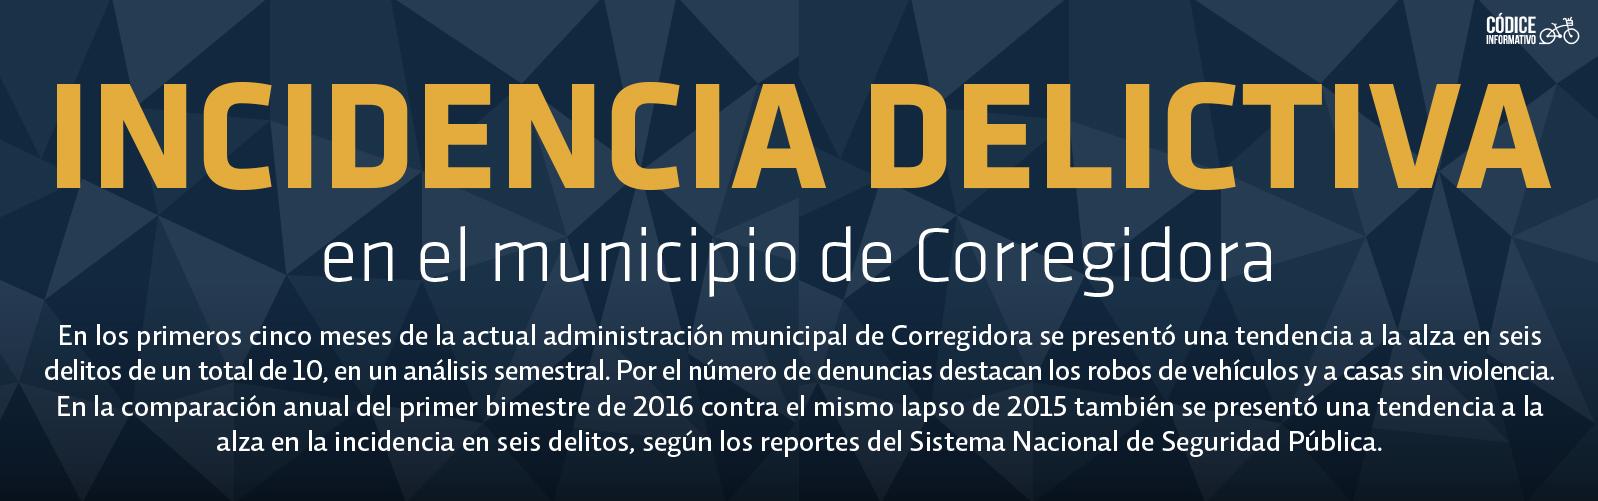 Incidencia delictiva en el municipio de Corregidora